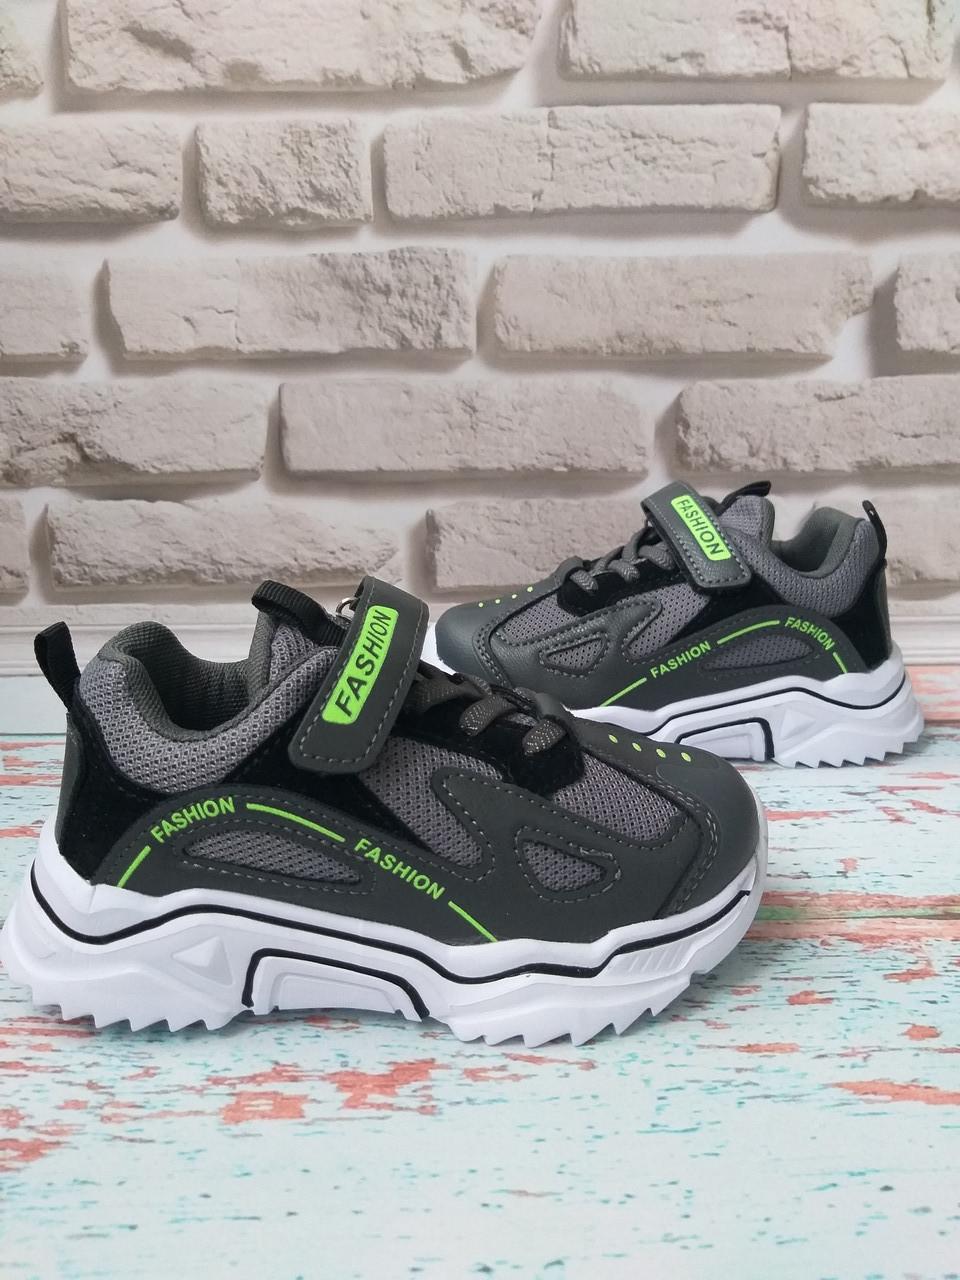 Стильные детские серые кроссовки на мальчика 29 размер